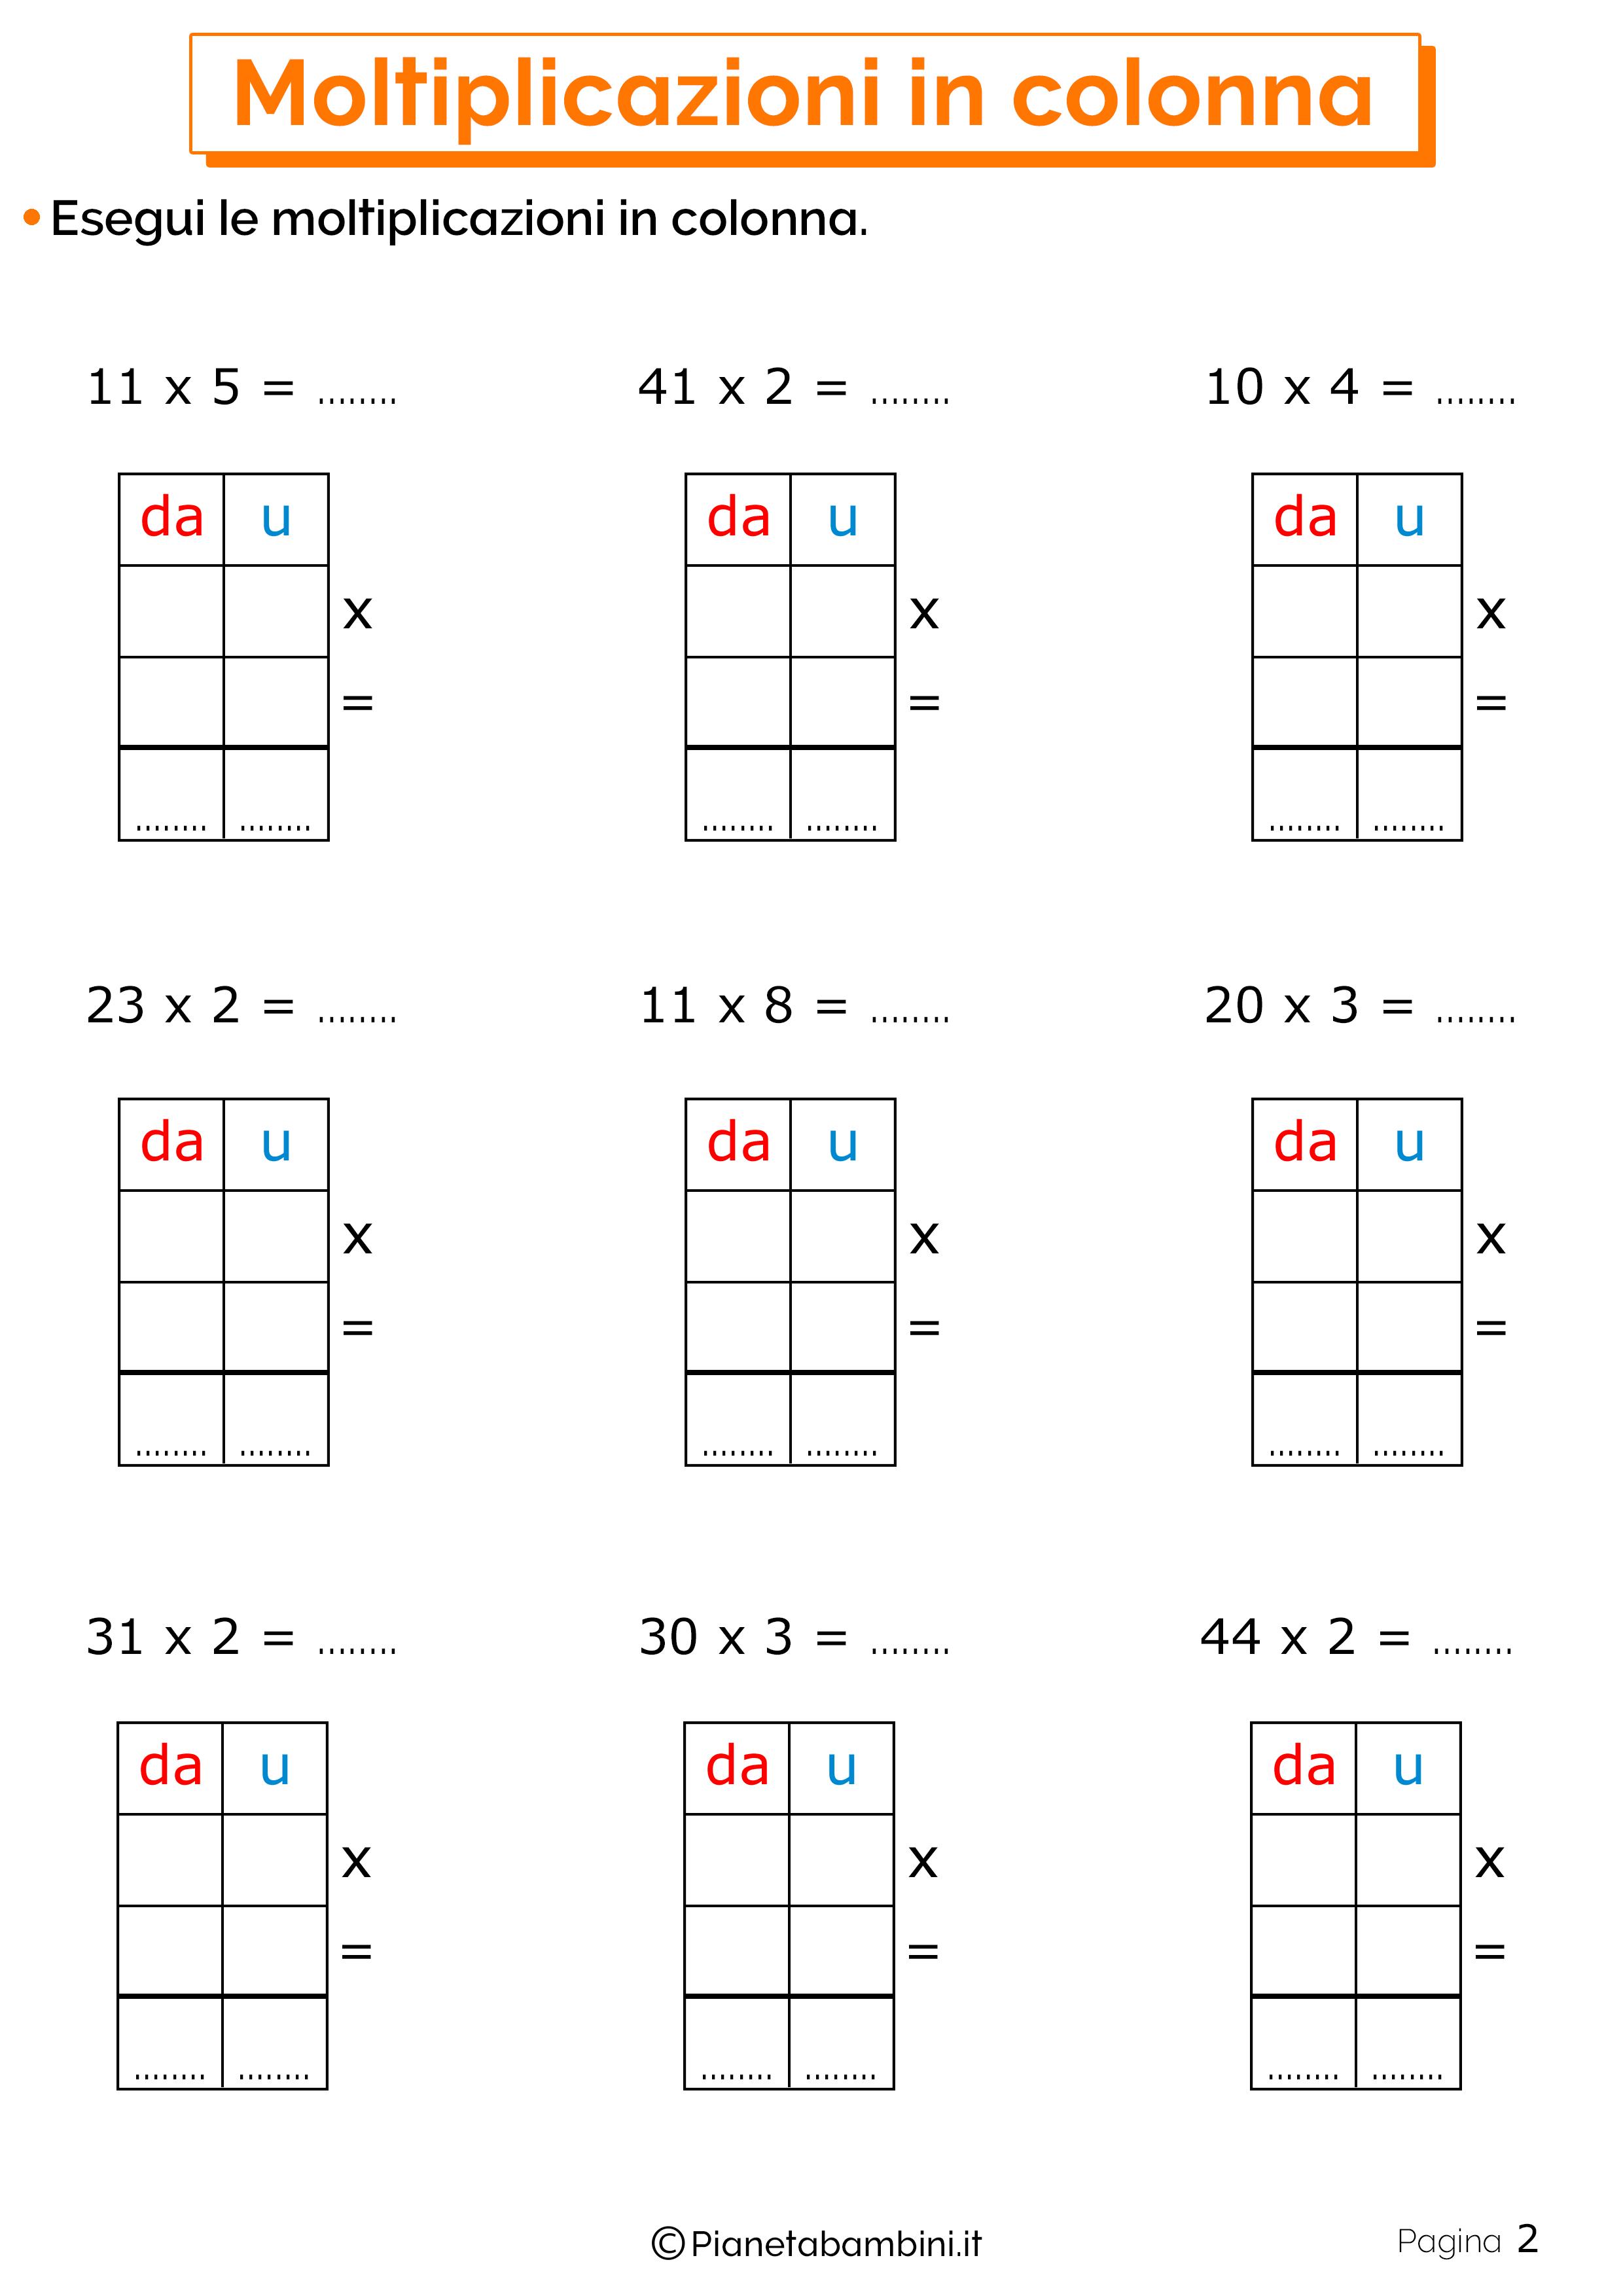 Schede didattiche sulle moltiplicazioni in colonna 2